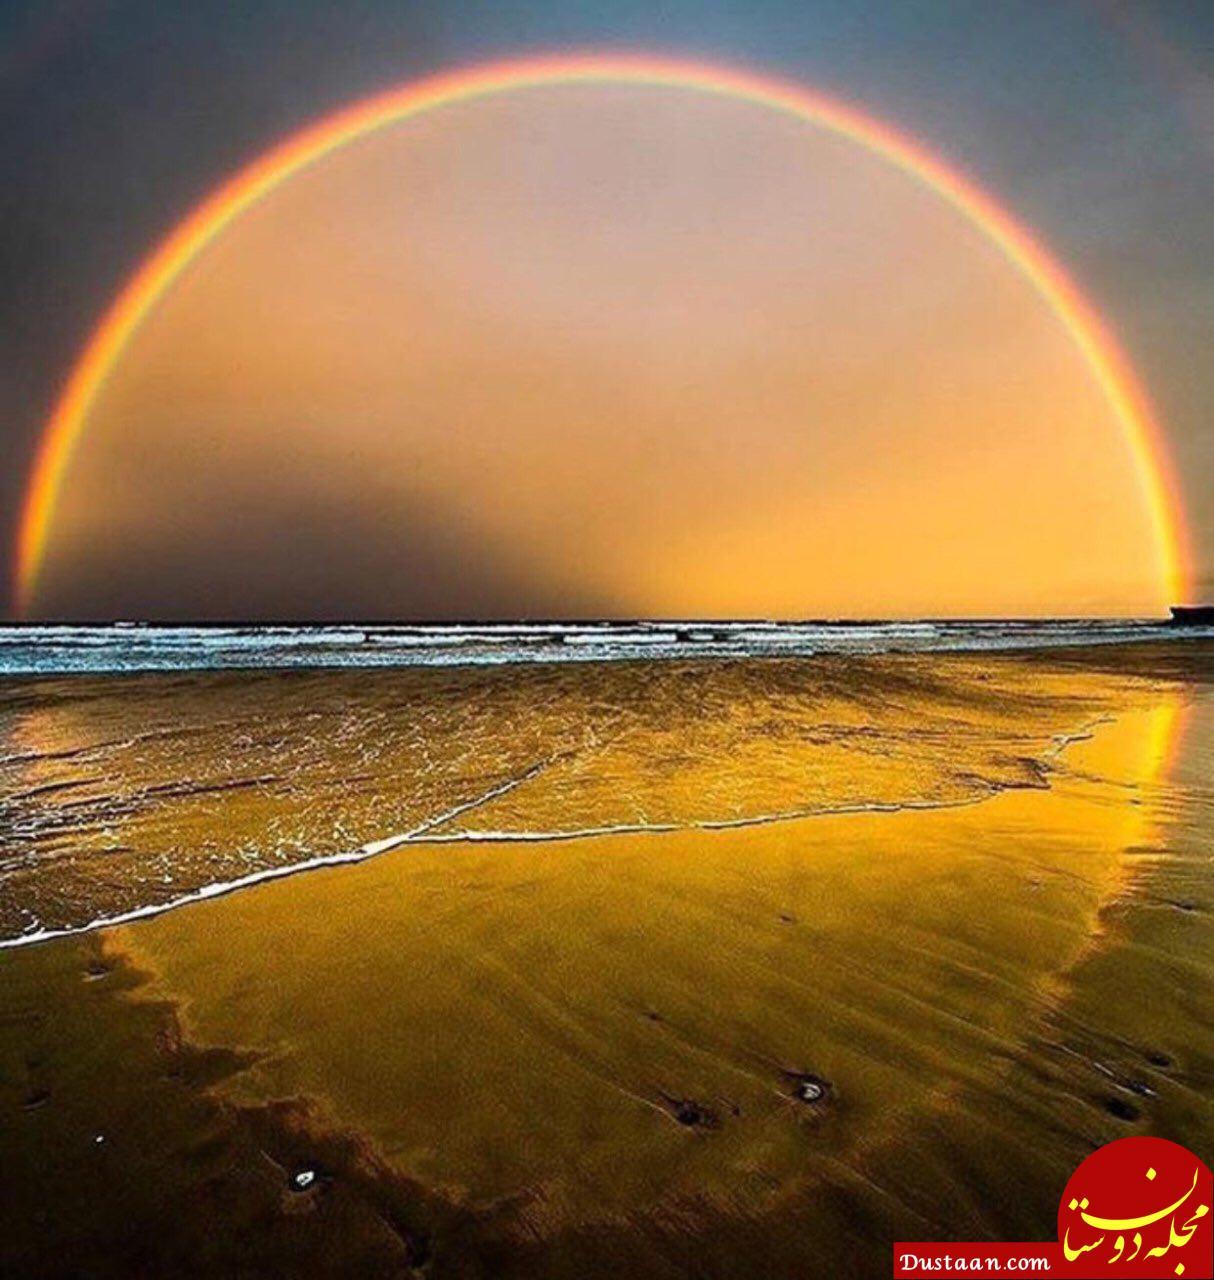 www.dustaan.com رنگین کمان چیست و چگونه می توان رنگین کمان ساخت؟ +عکس